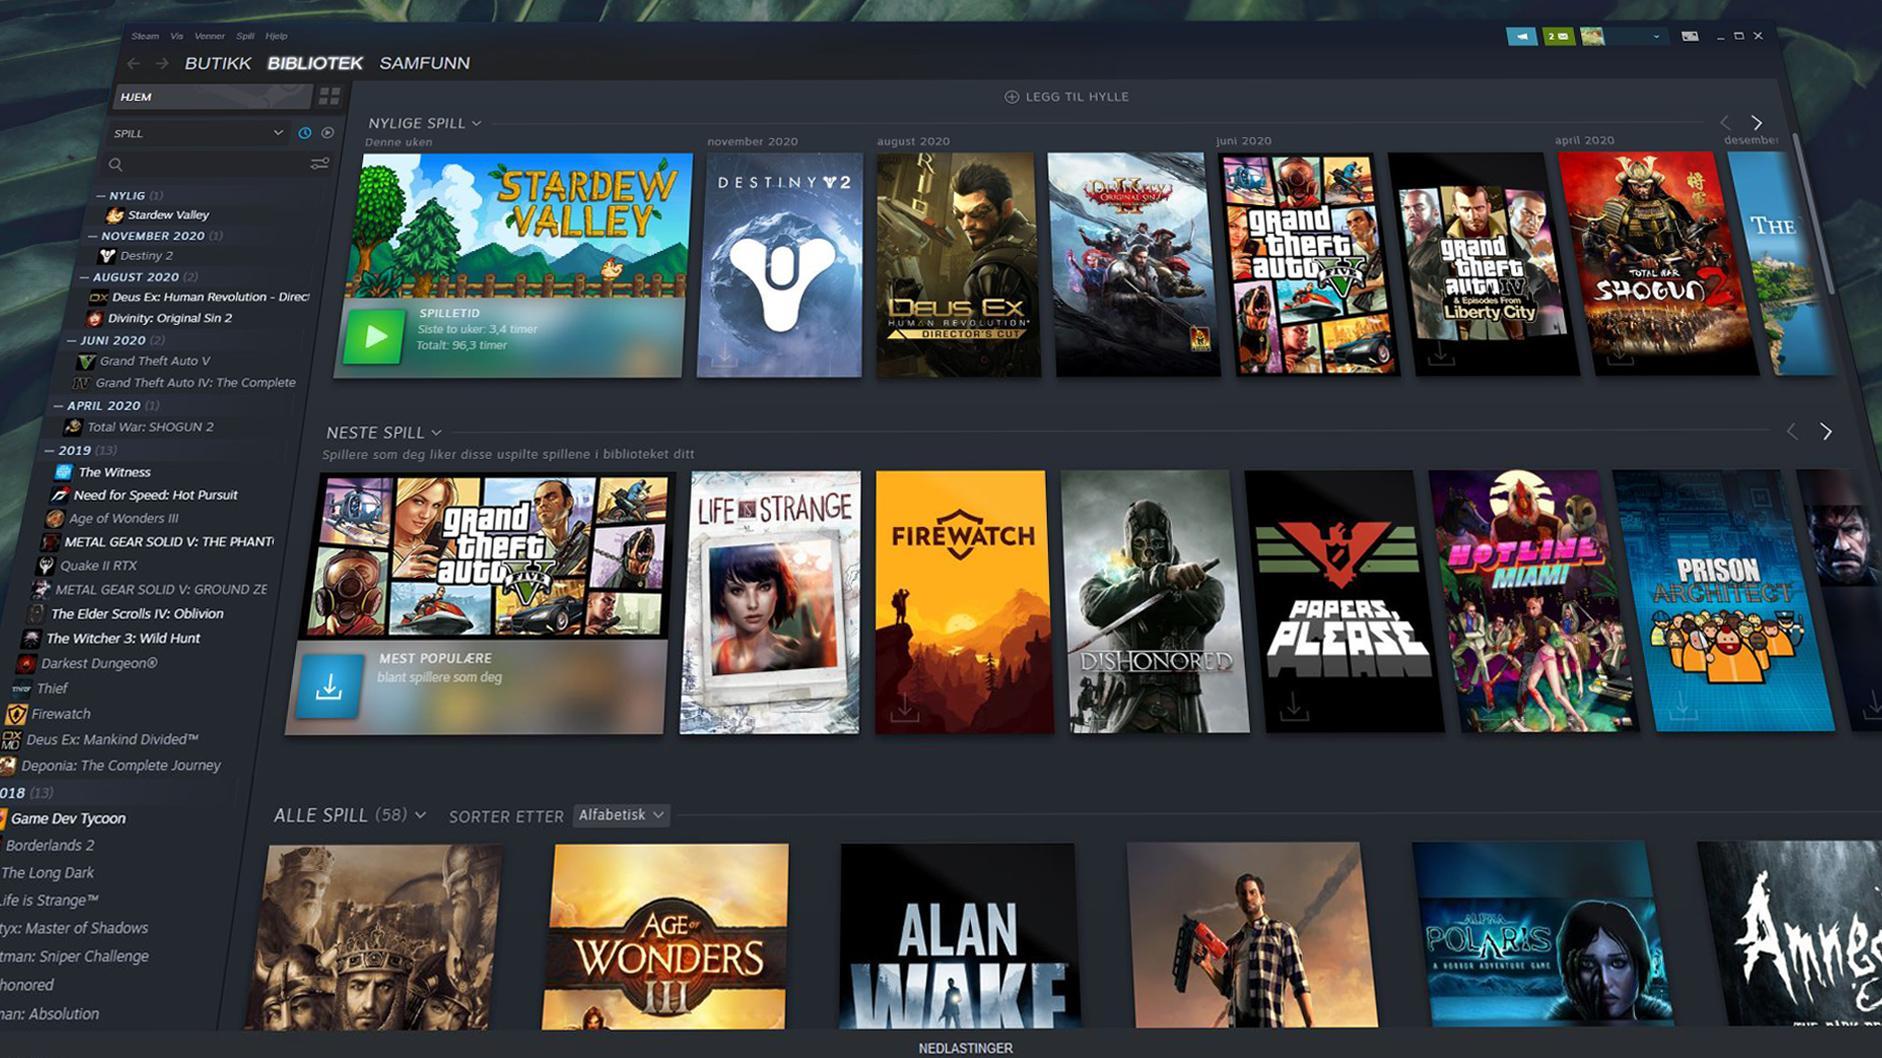 Flere spillselskaper har solgt ulovlig prisede spillnøkler som blant annet kunne låses opp på Valves Steam-plattform.